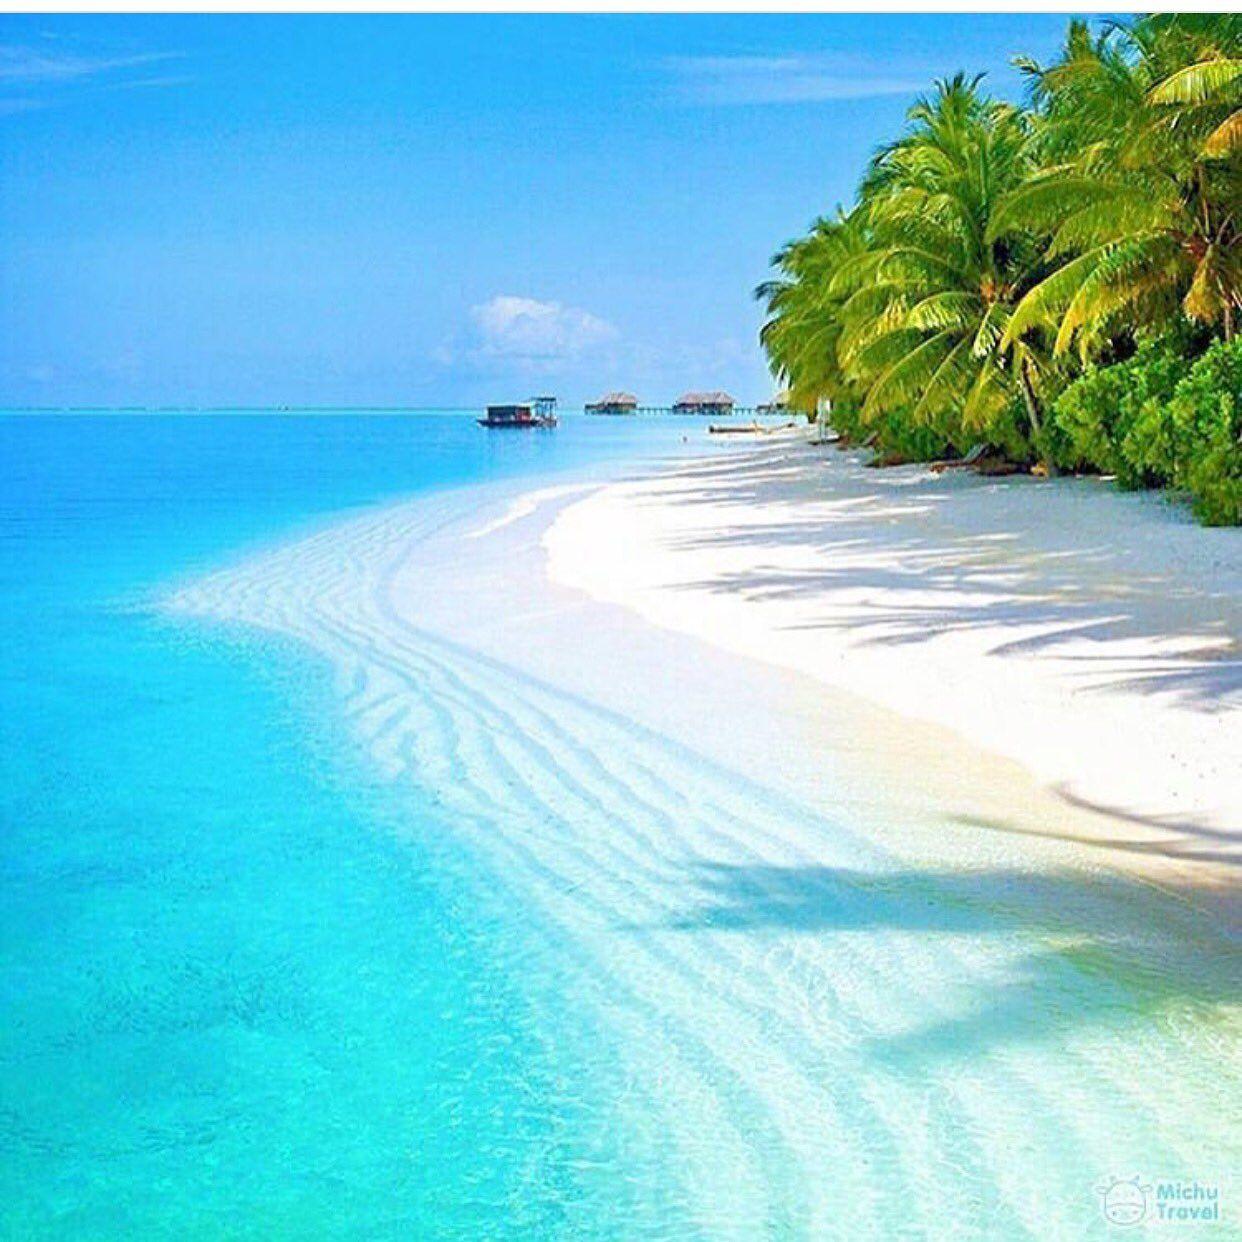 Maldives Beach: Beautiful Beaches, Tropical Beaches